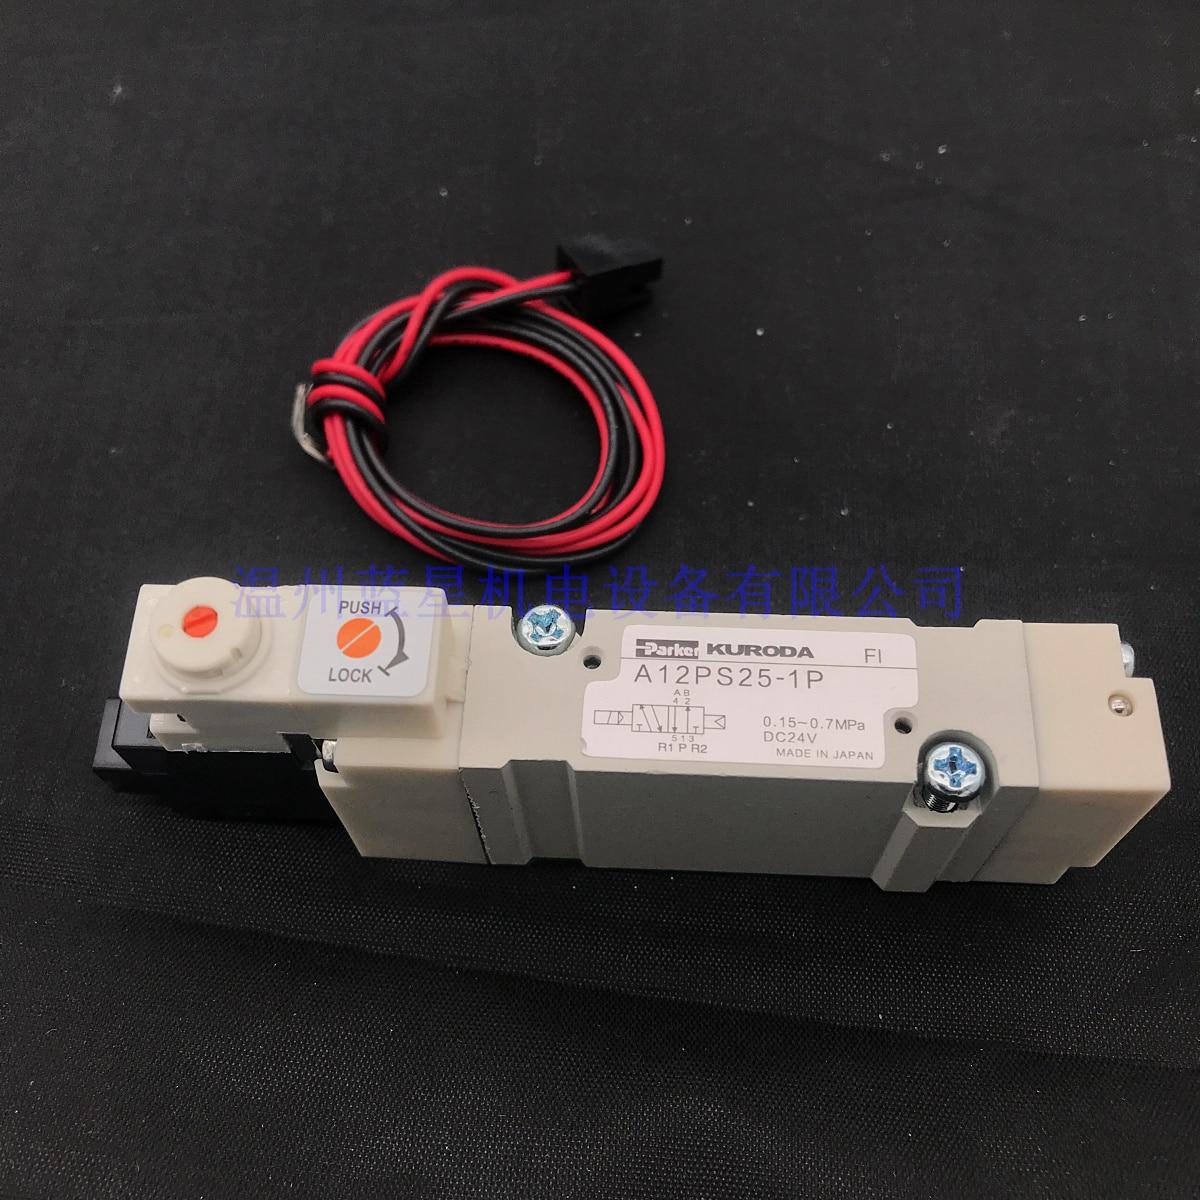 Accesorios de la máquina de impresión Komori nueva válvula solenoide original Komori LS40 válvula solenoide A12PS25-1P